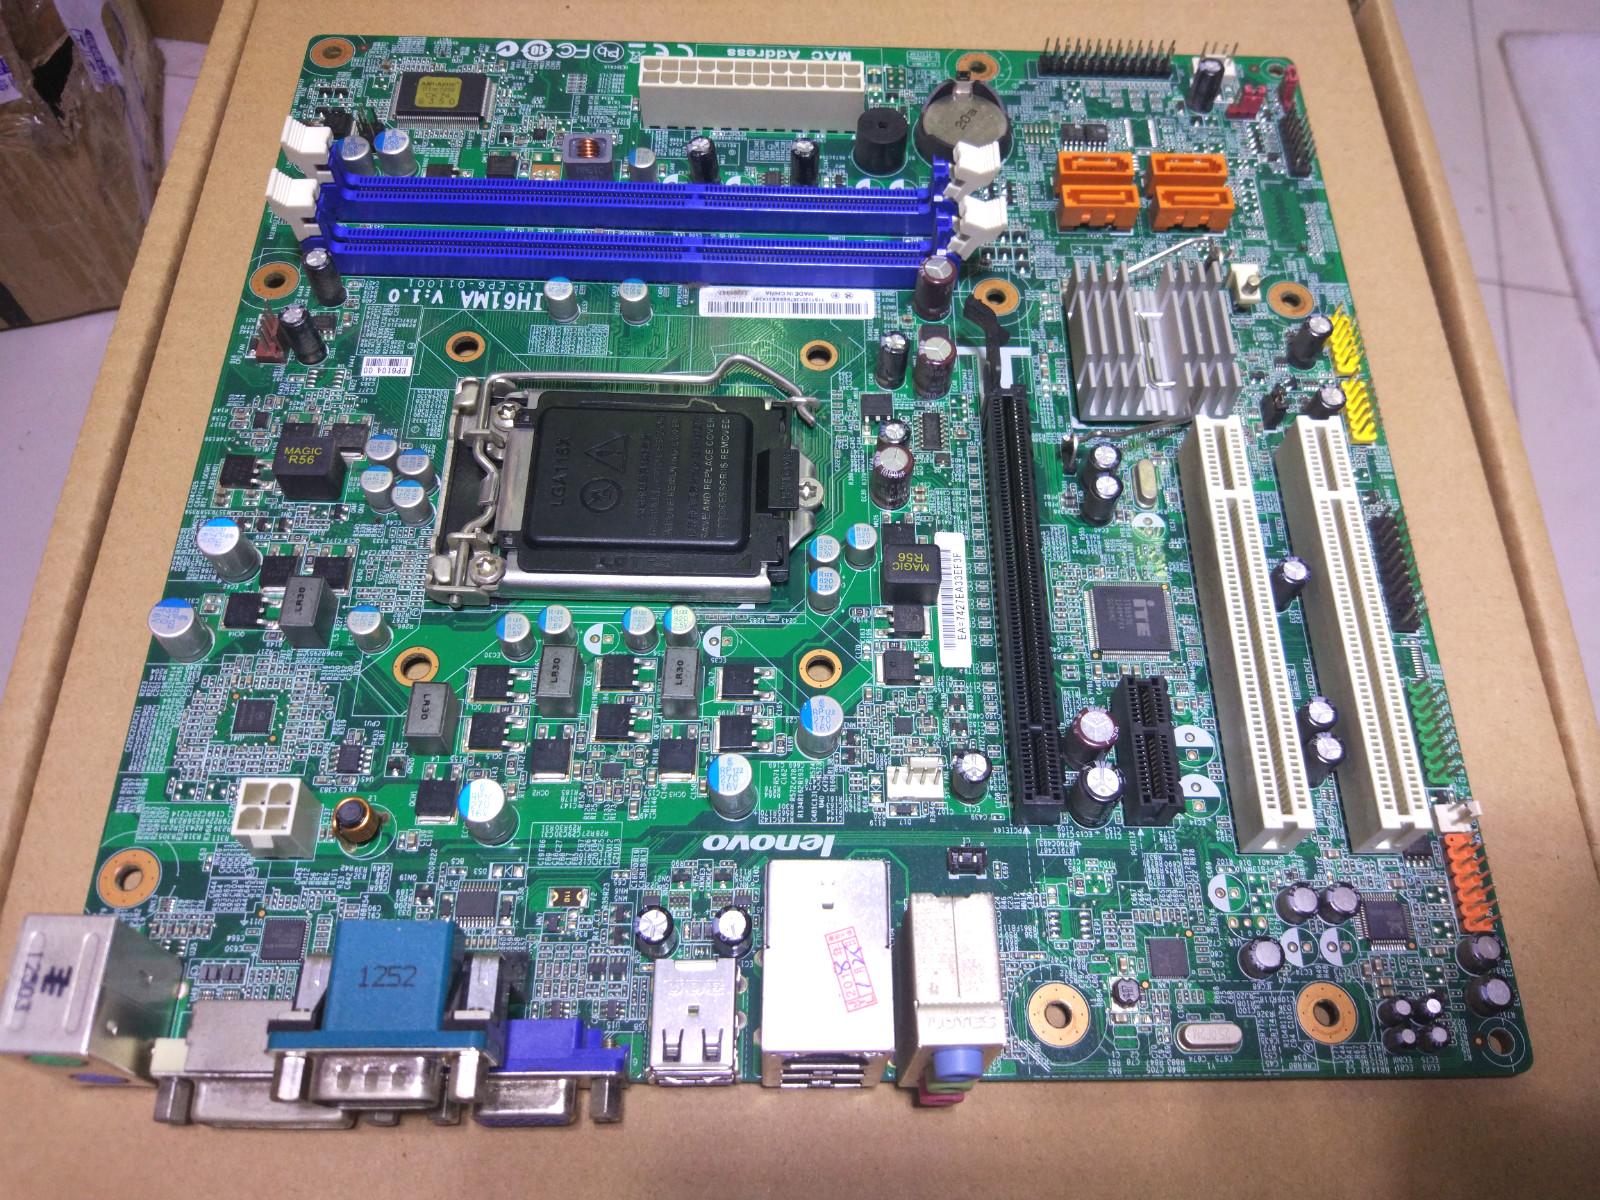 联想IH61MA V1.0 1155针 支持22nm 税控专用 带DVI接口 有PCI插槽